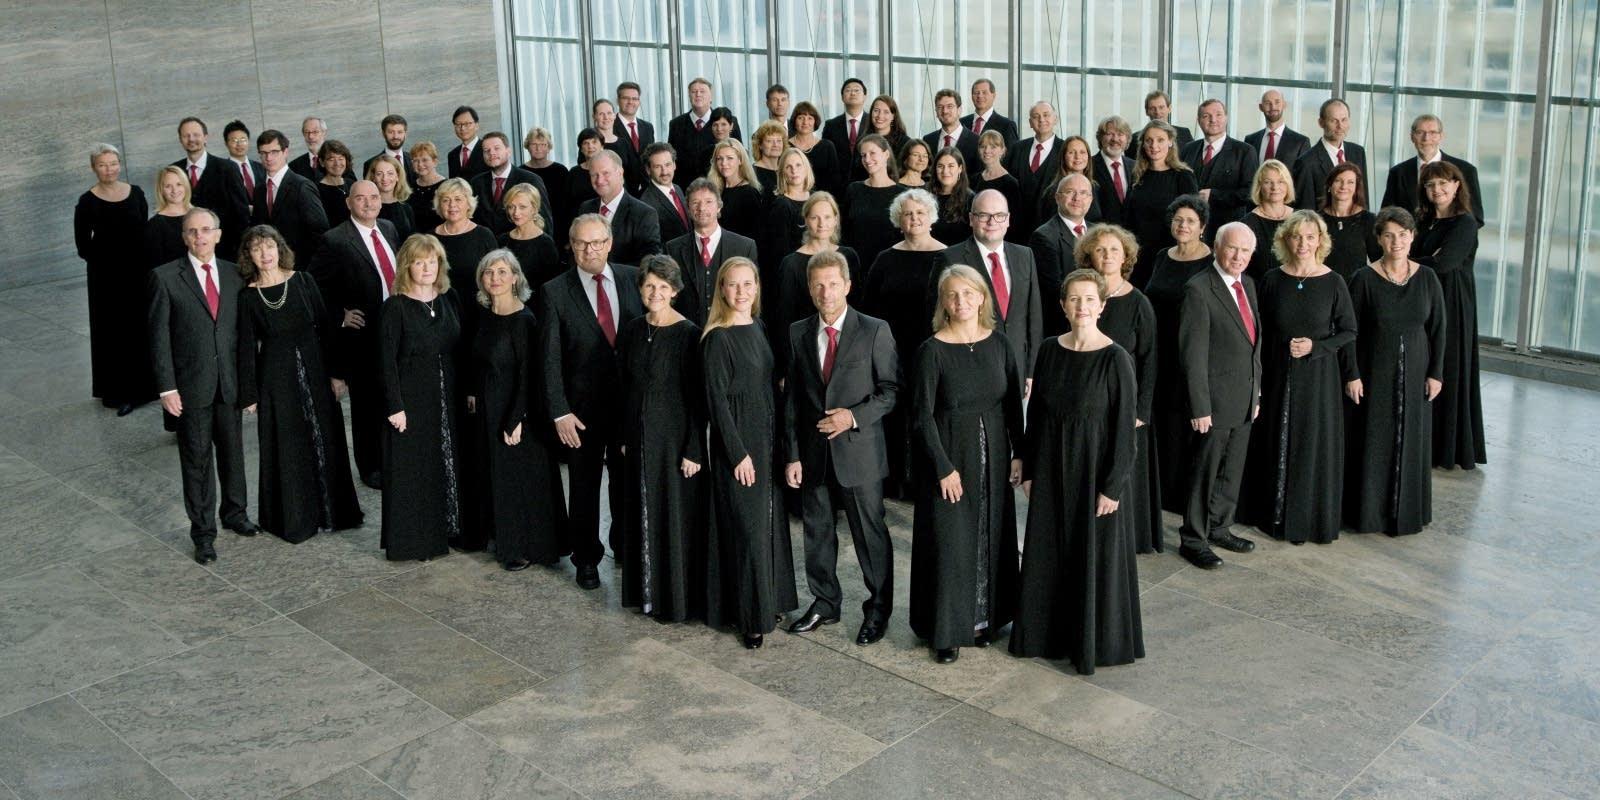 MDR Radio Choir